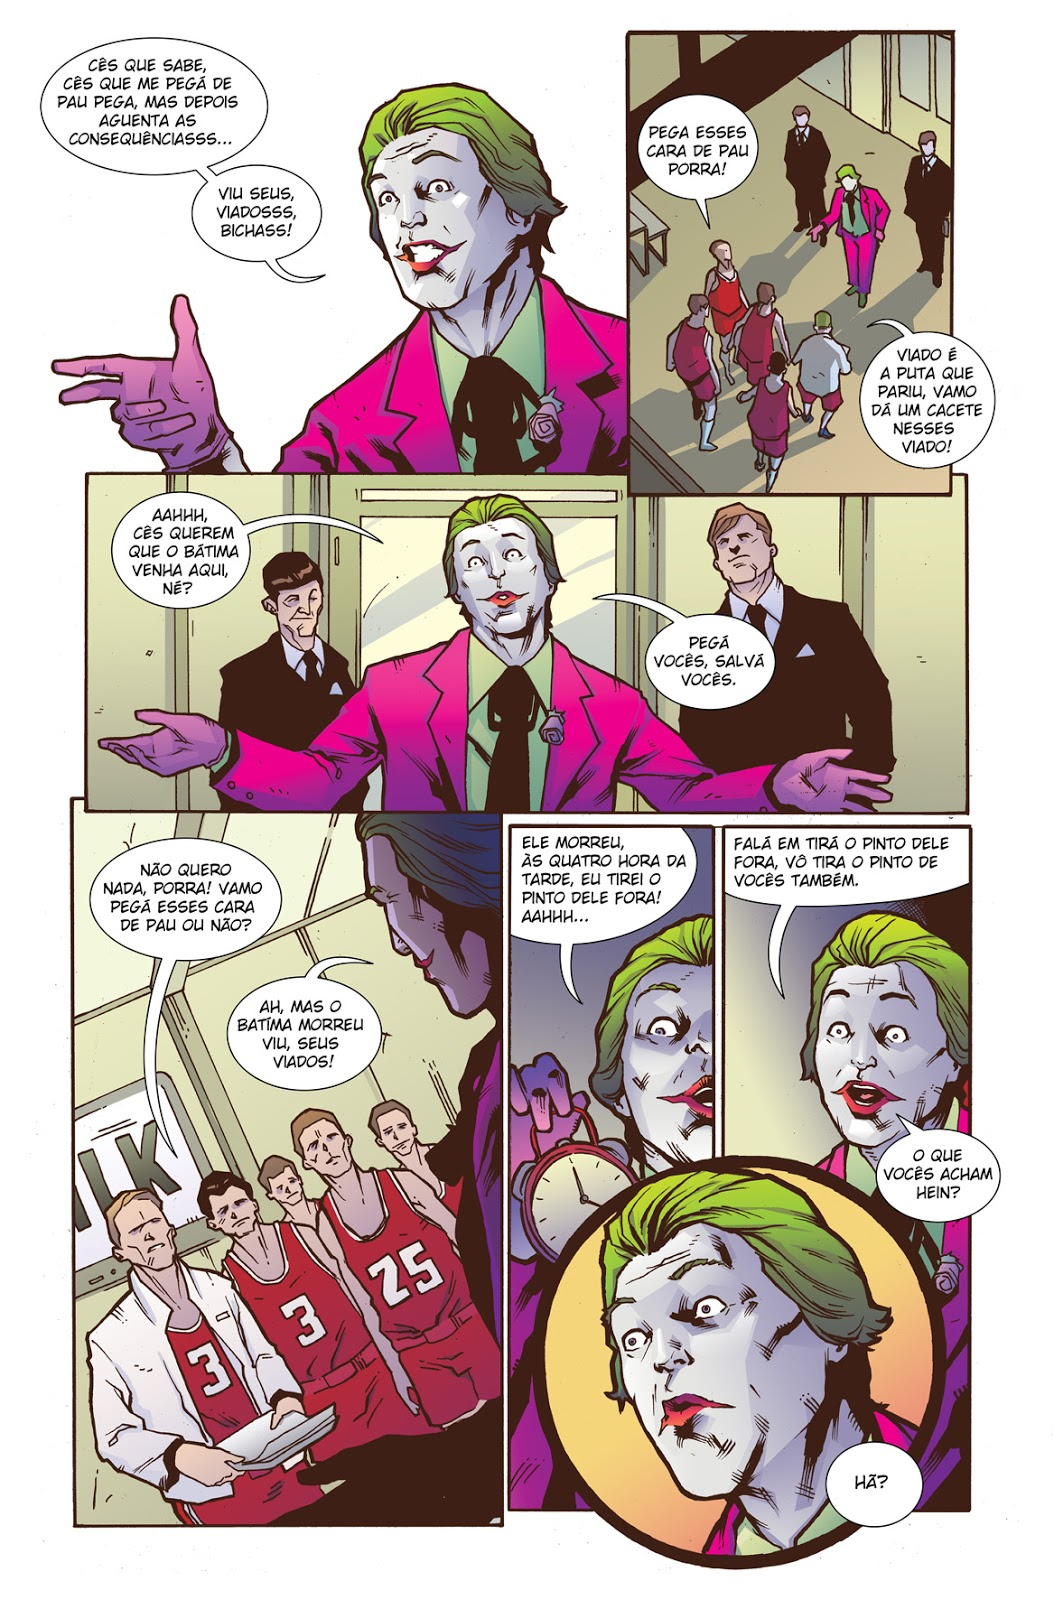 [Tópico Oficial] Batman na Feira da Fruta em Quadrinhos - Página 4 Feira+da+fruta+fruta+28+letras